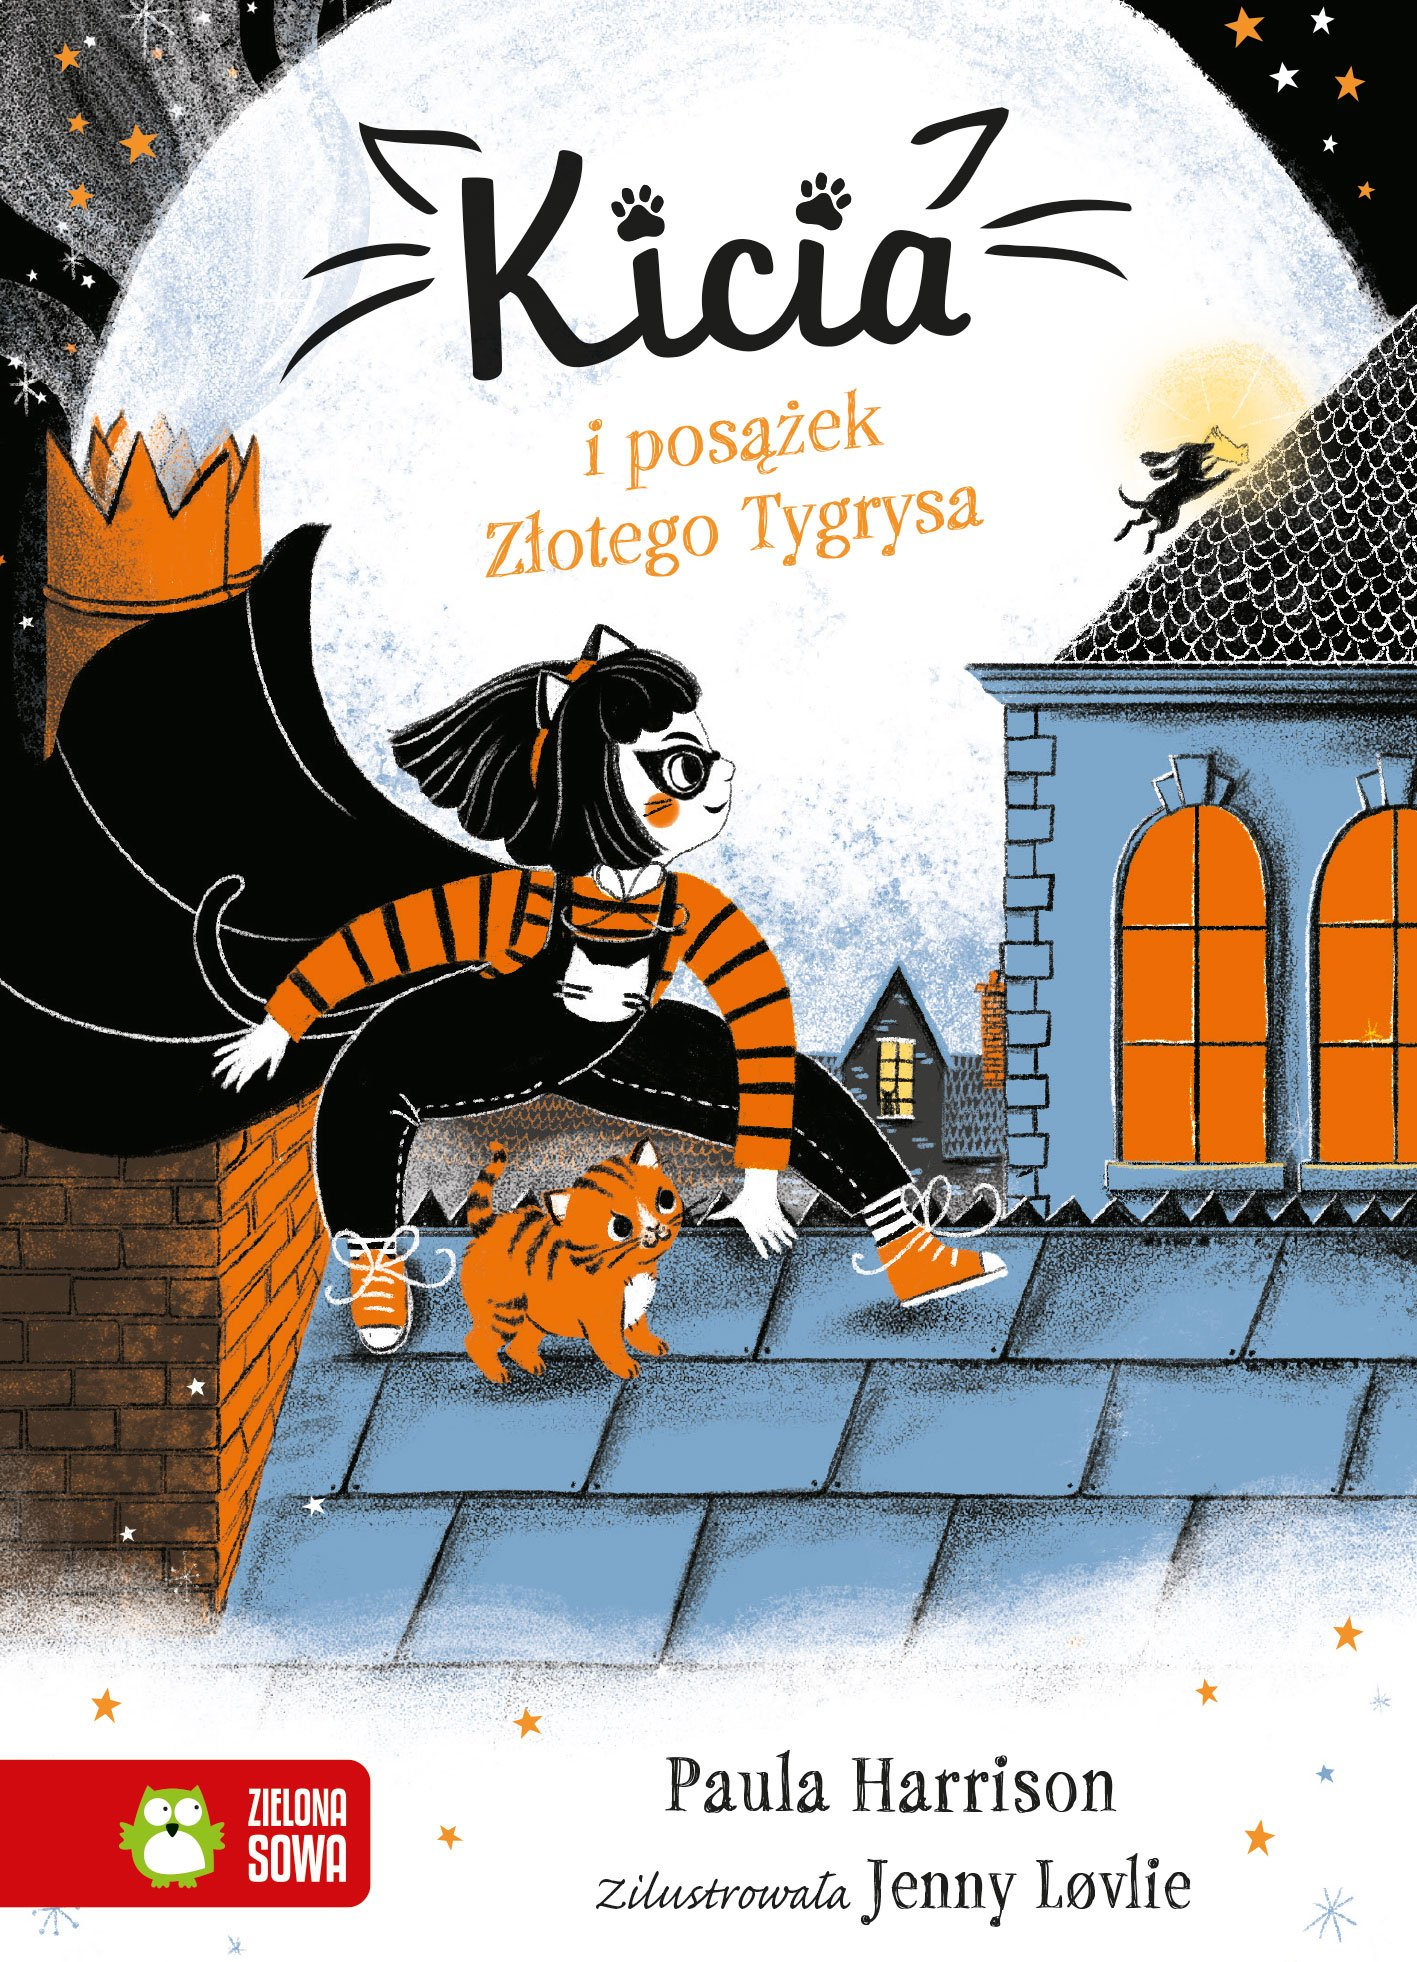 Kicia Kocia opinie o książce dla dzieci